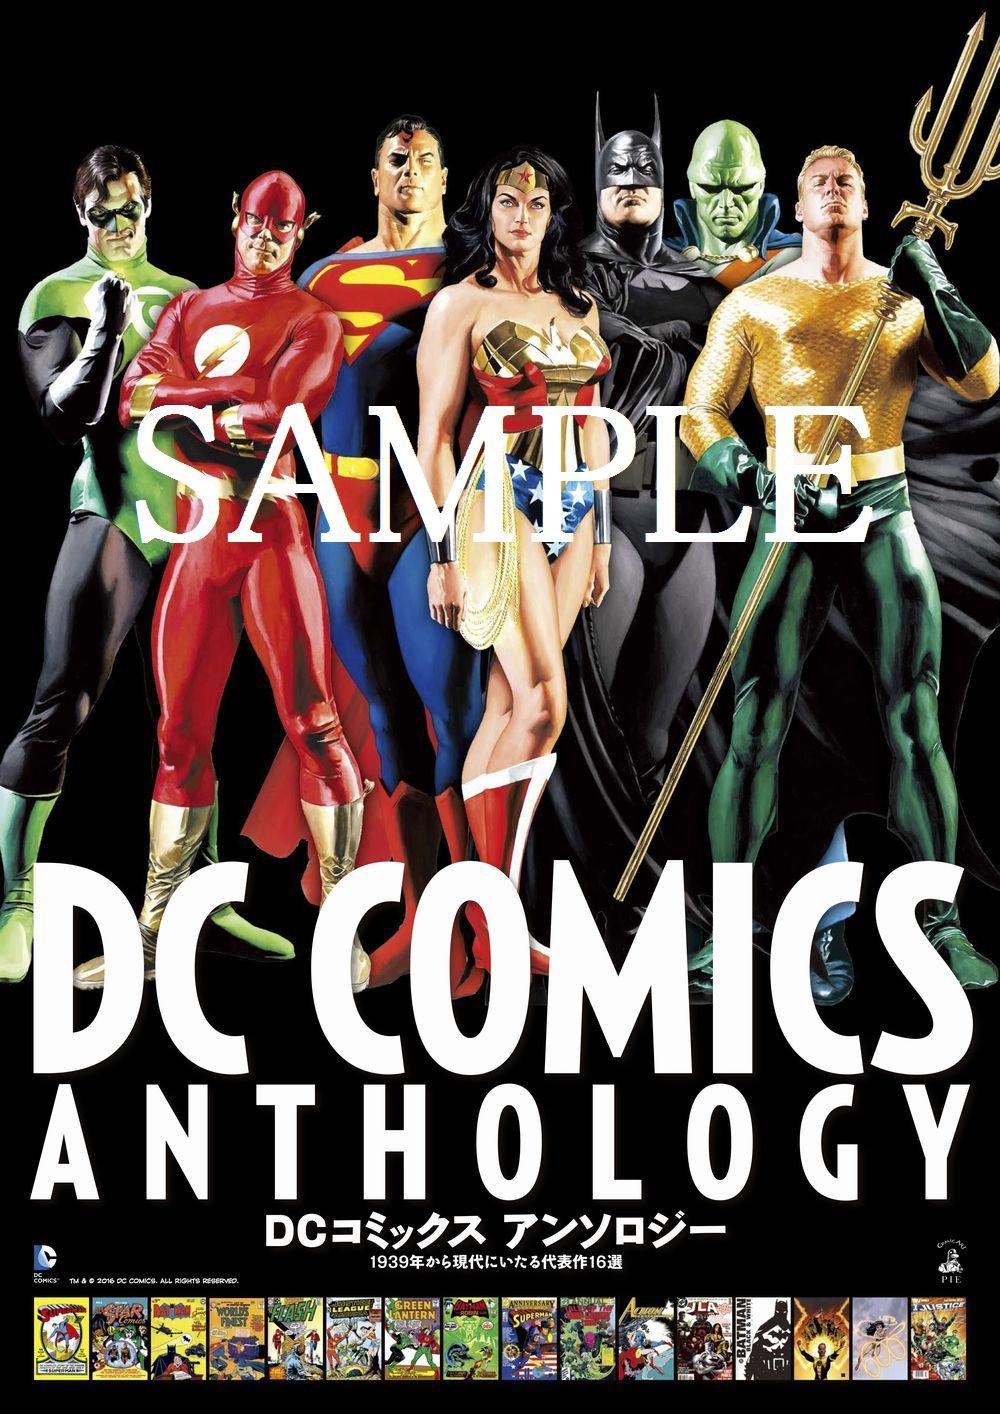 DC_Poster_WEB